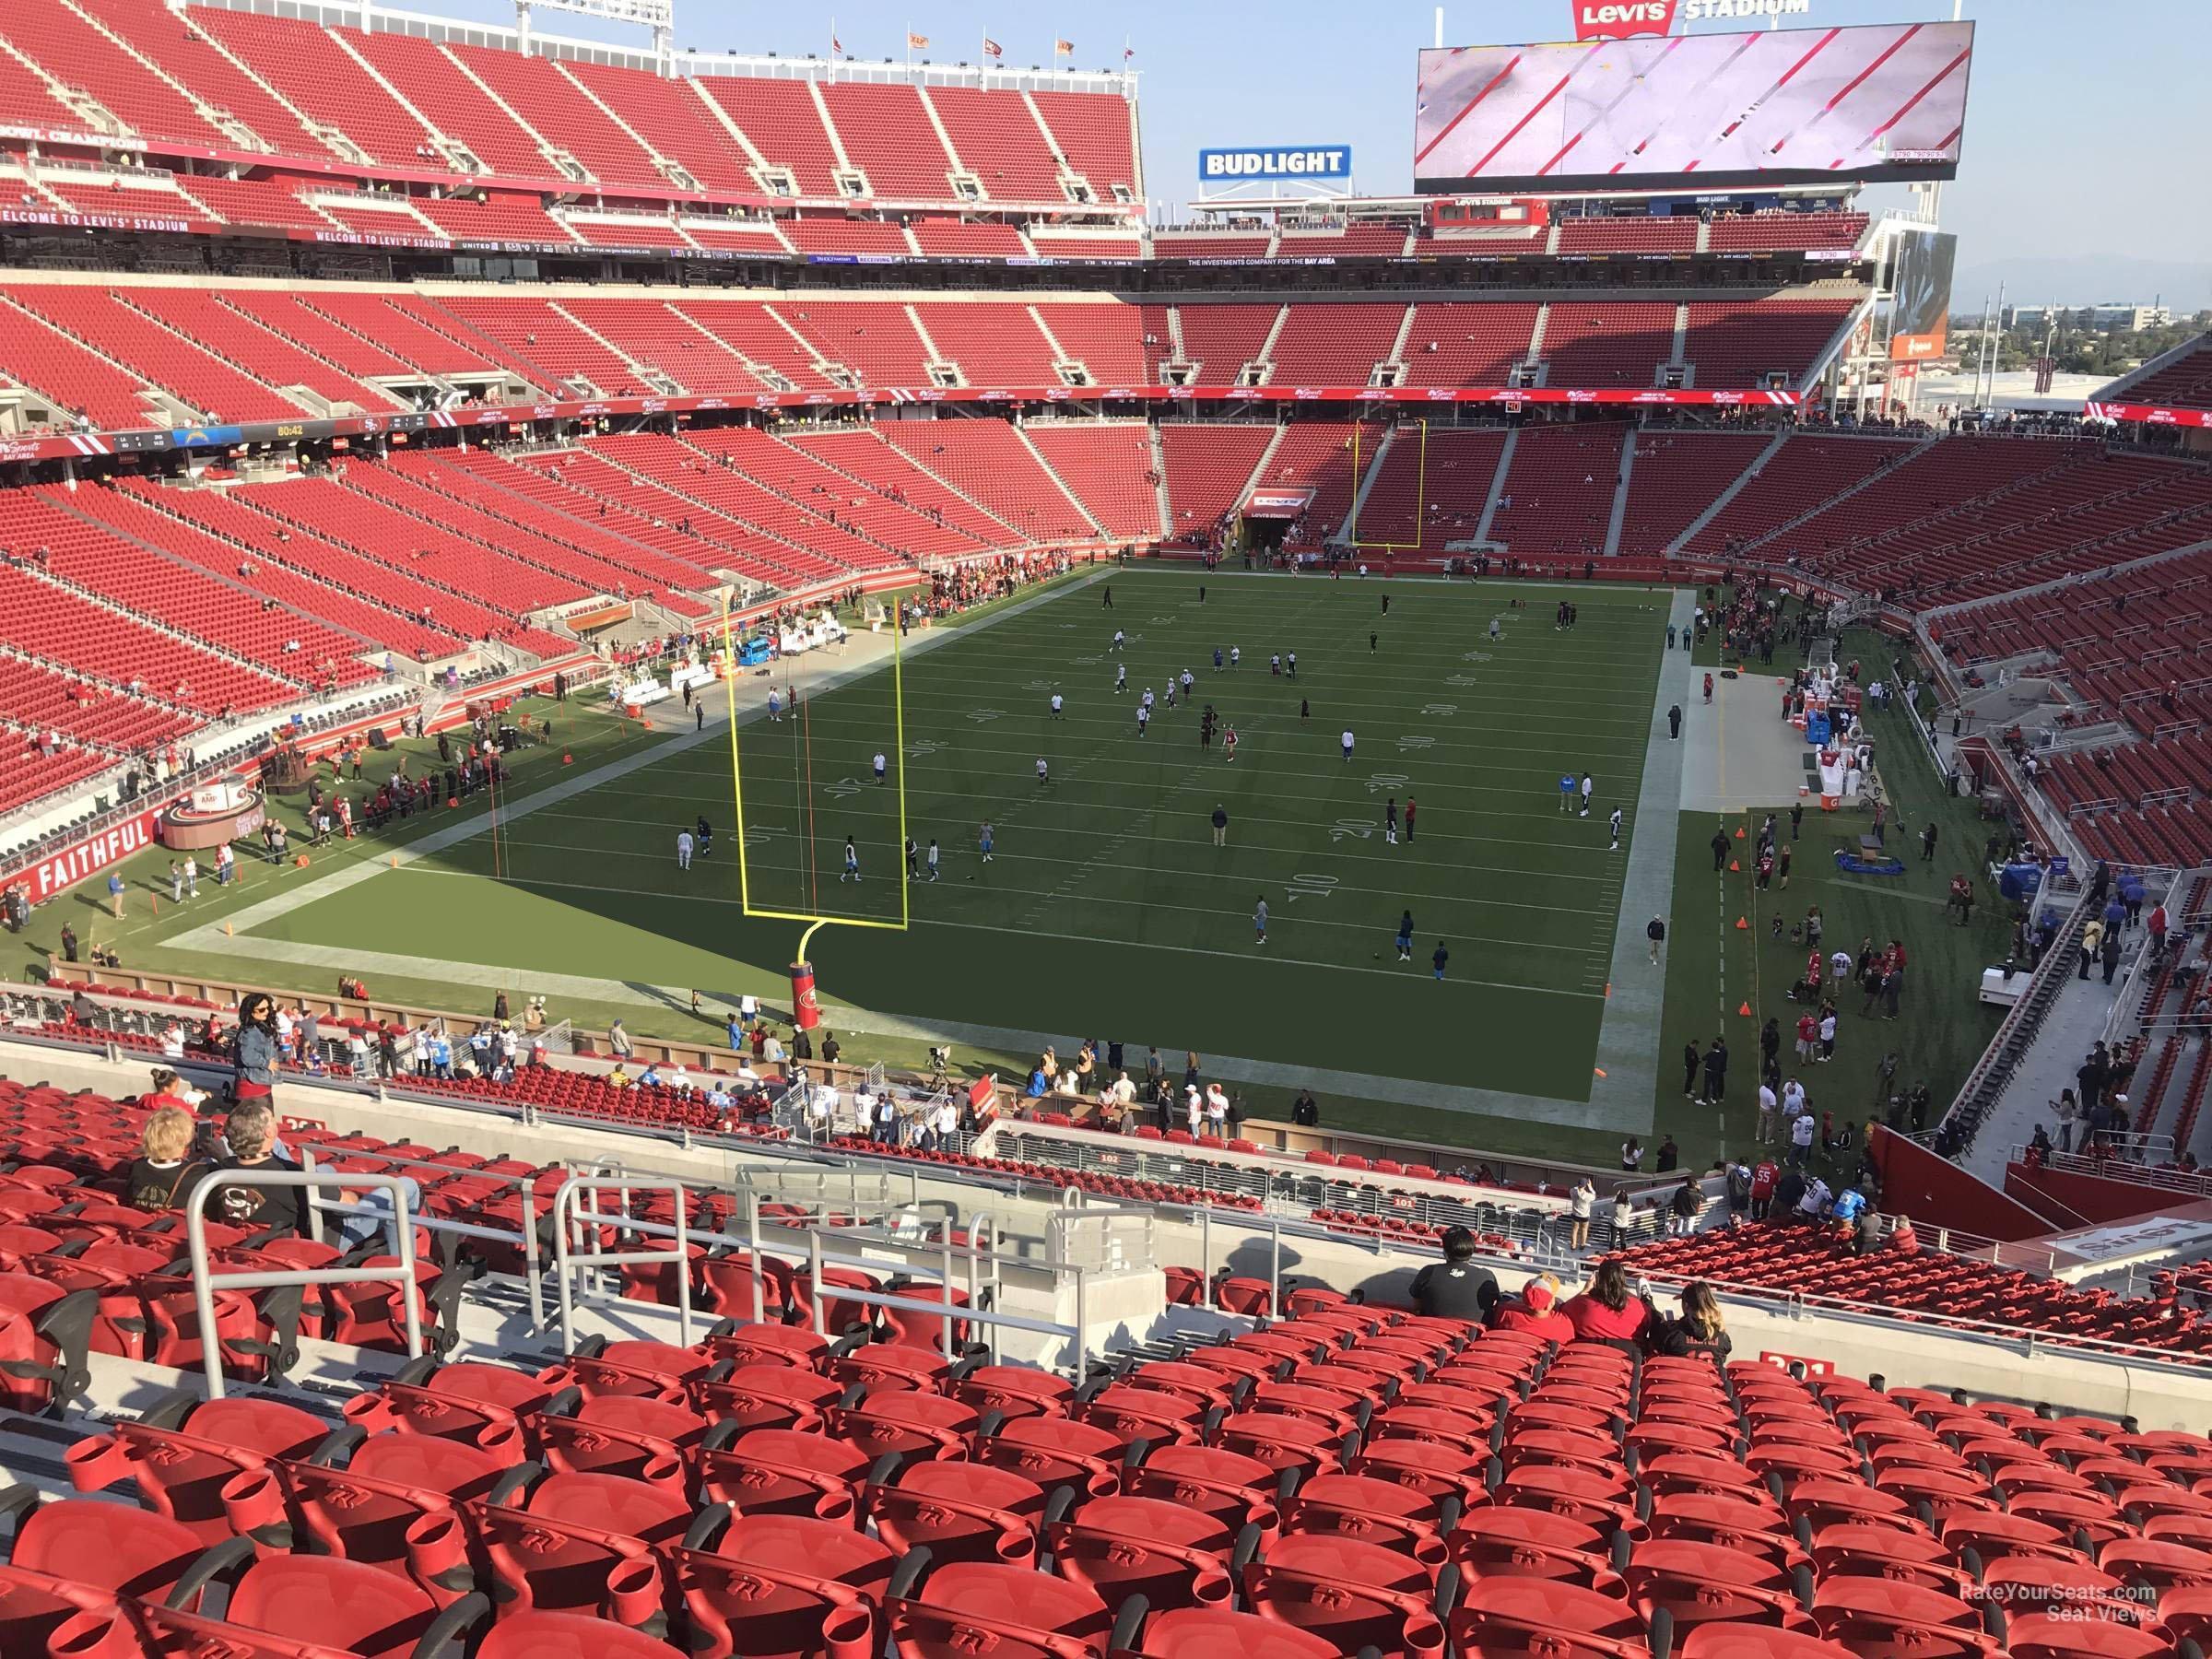 levi's stadium section 201 - rateyourseats